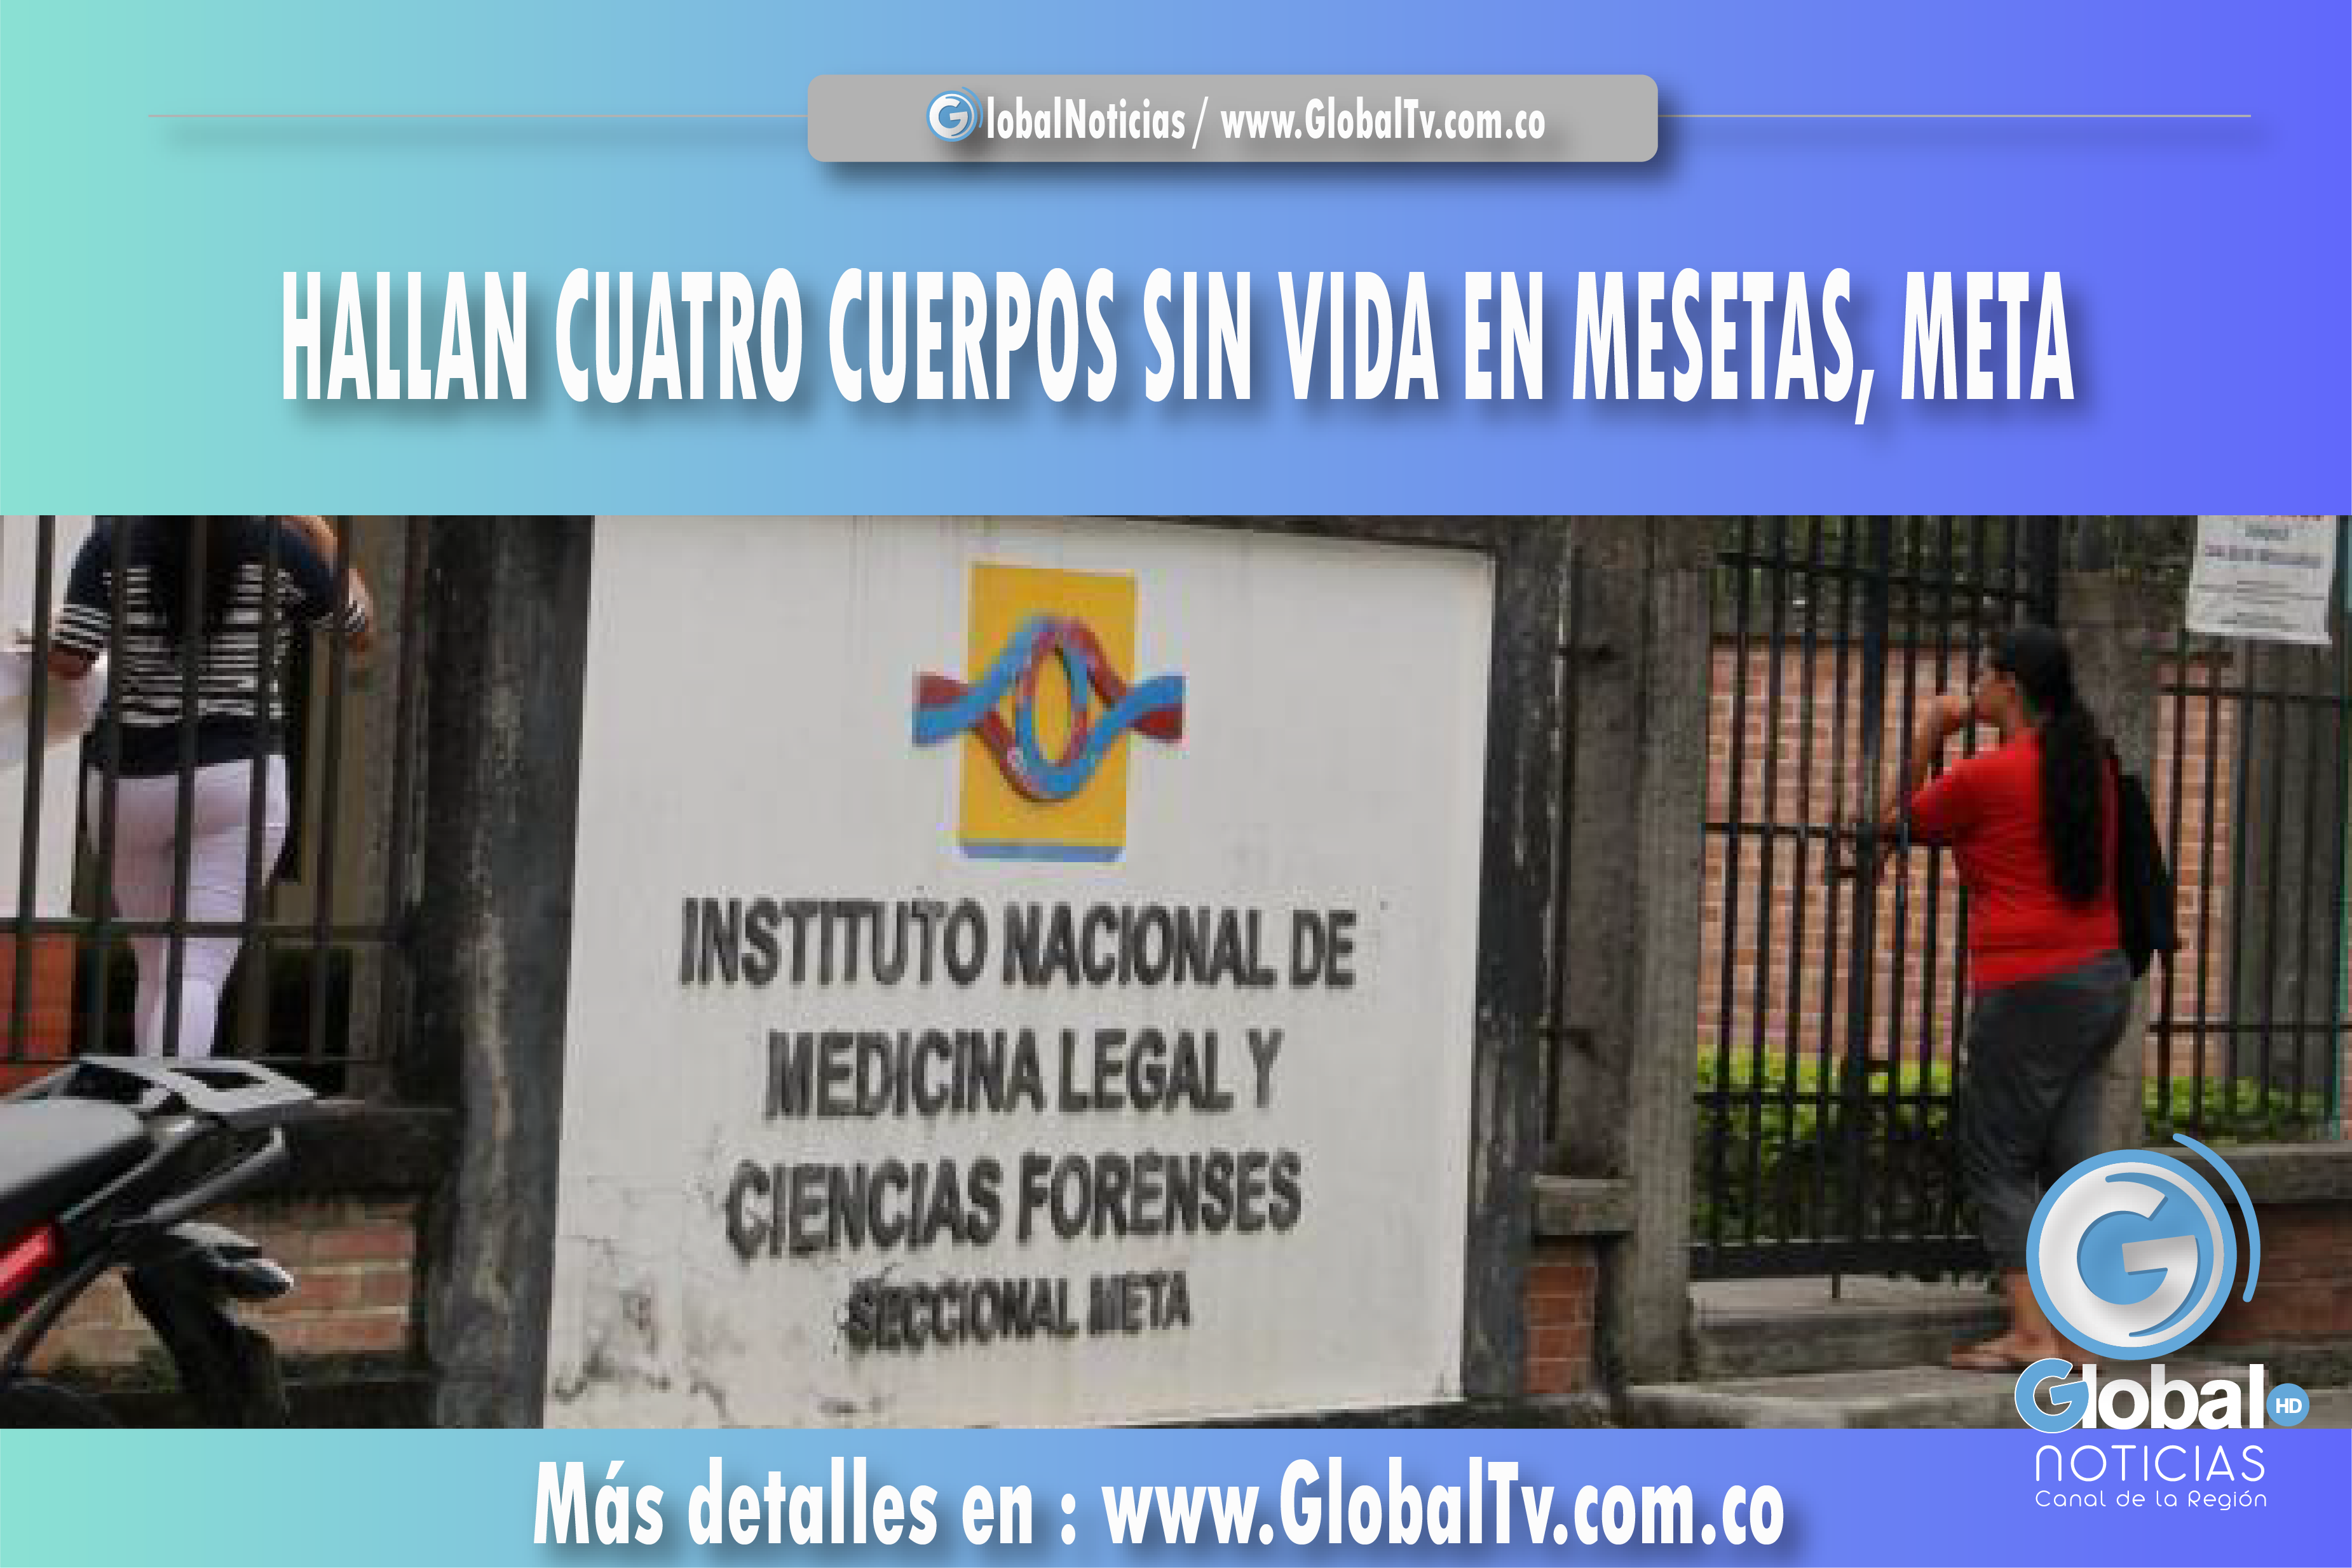 HALLAZGO DE CUATRO CUERPOS SIN VIDA EN MESETAS, META